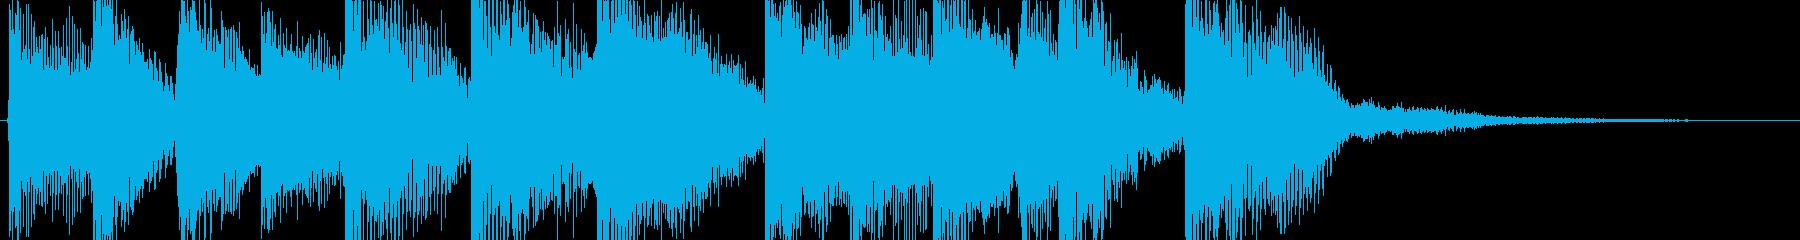 ピアノとエレピの美しい旋律 重くないの再生済みの波形